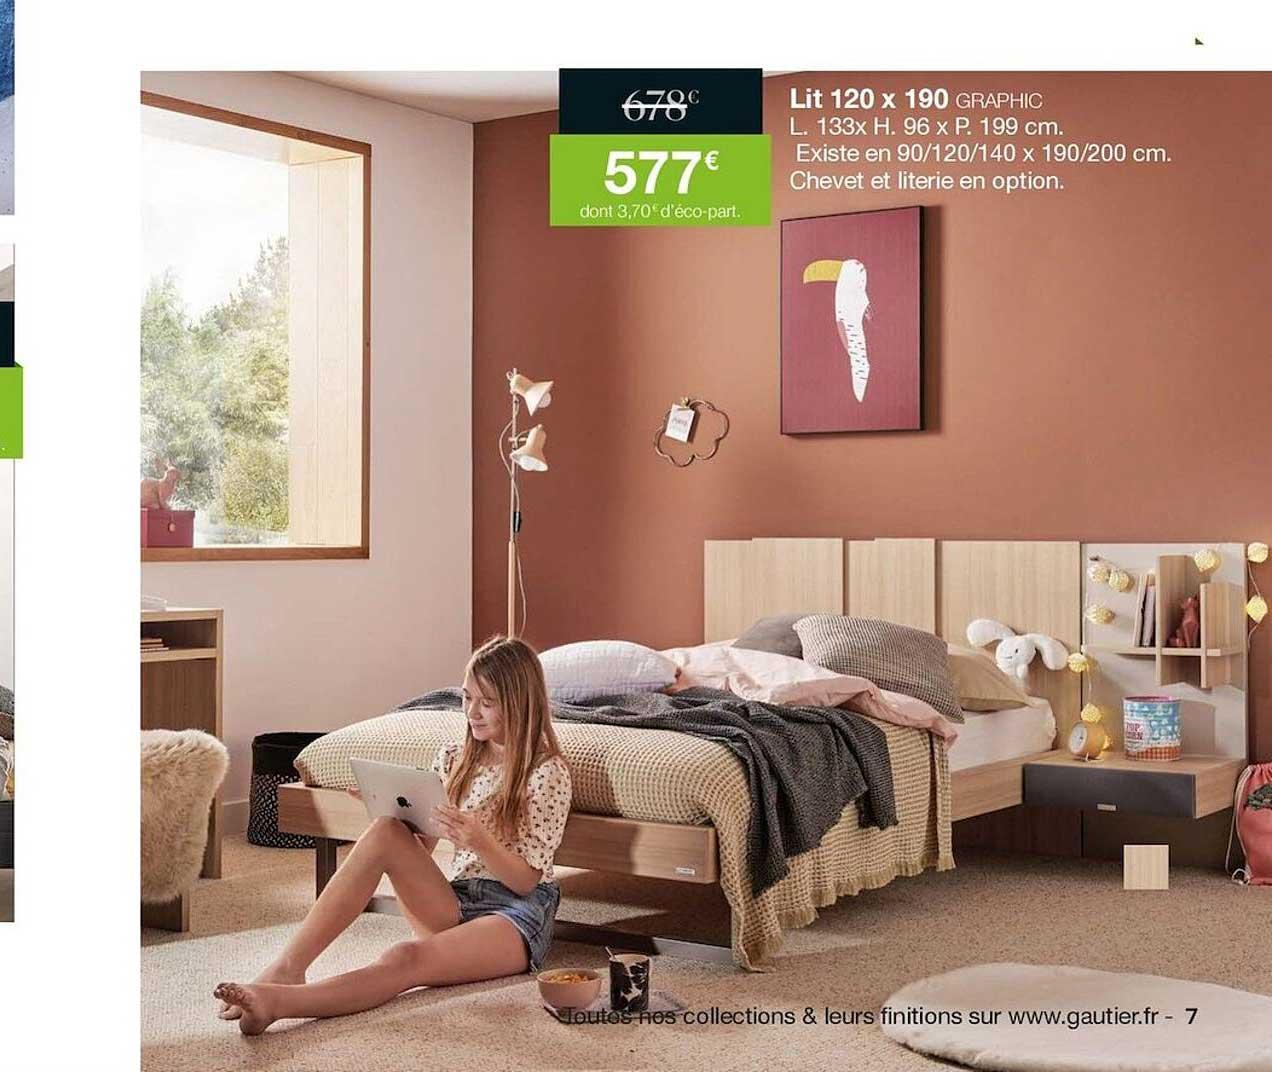 Gautier Lit 120 X 190 Graphic